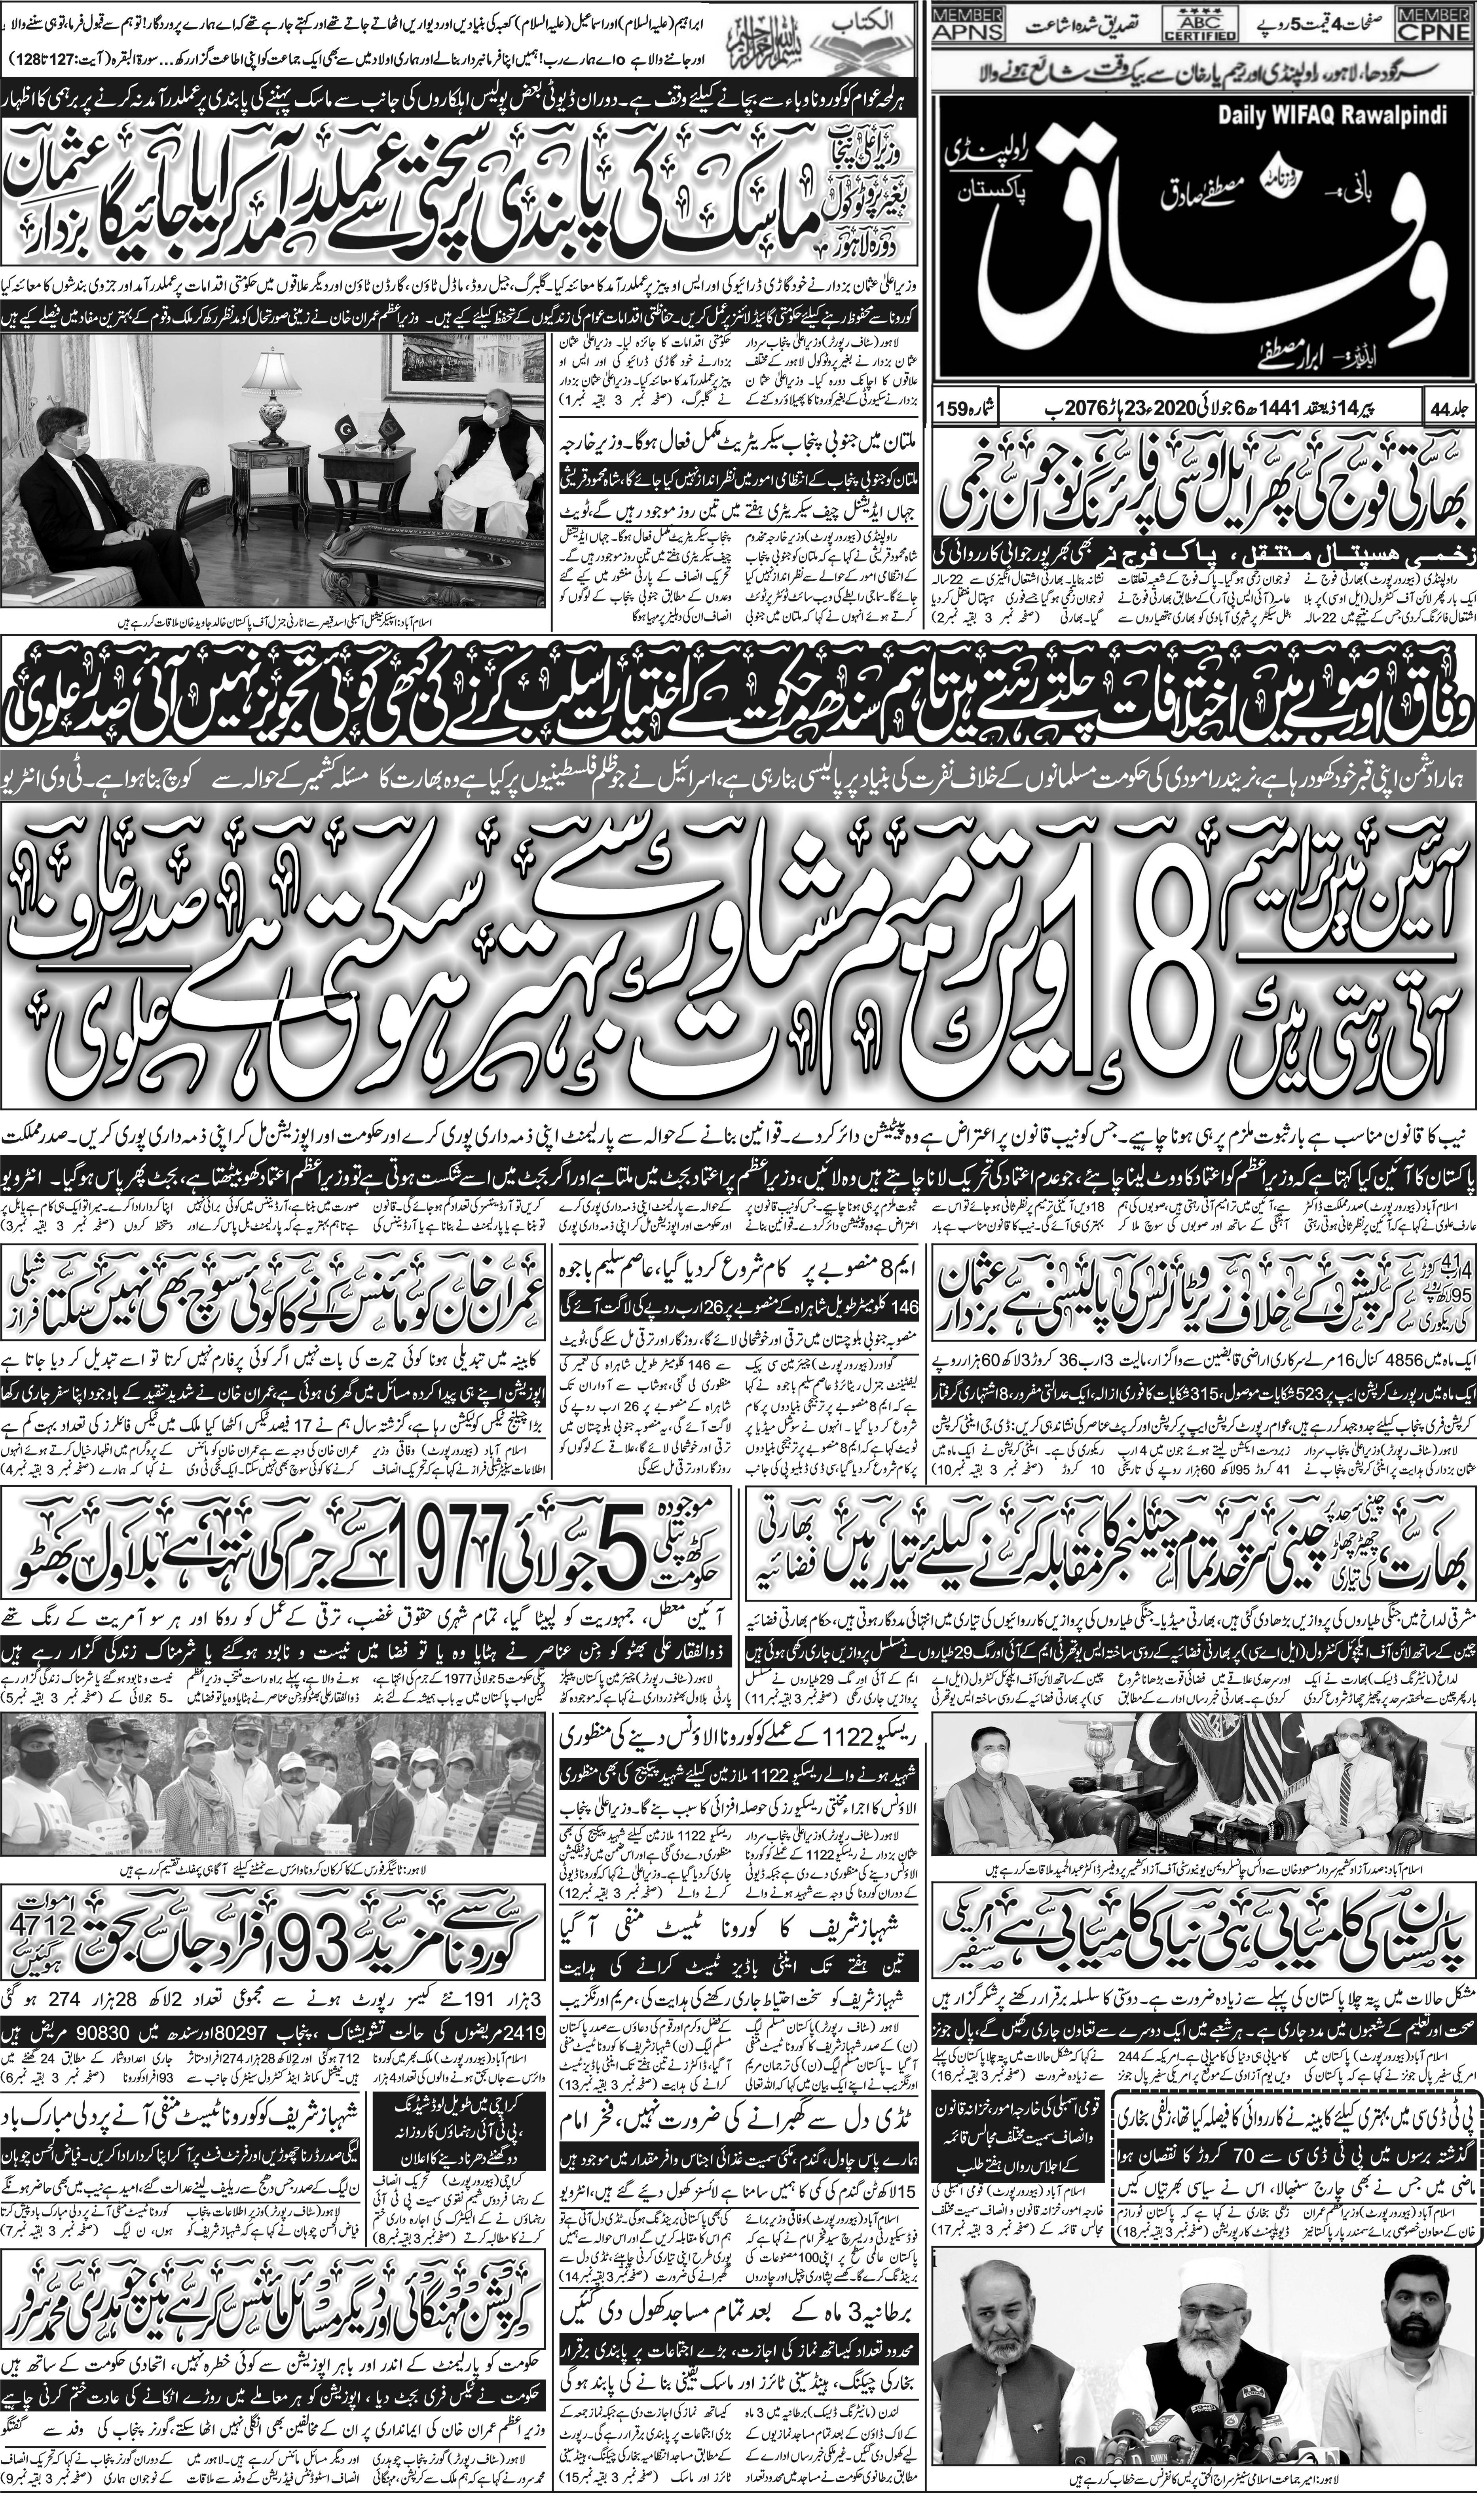 e-Paper – Daily Wifaq – Rawalpindi – 06-07-2020